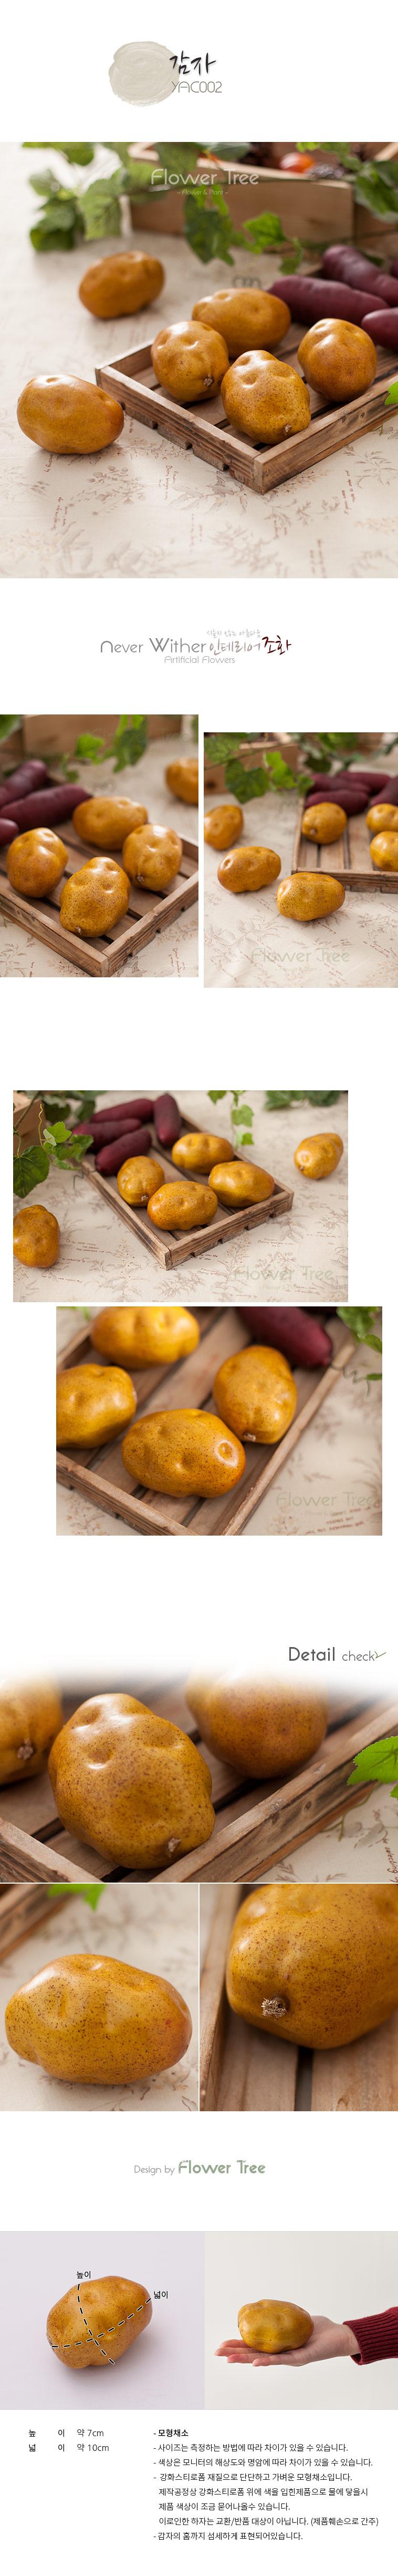 감자 FOFDFT 모형 모조 과일 채소 소품 주방장식 - 플라워트리, 990원, 미니어처, 음식